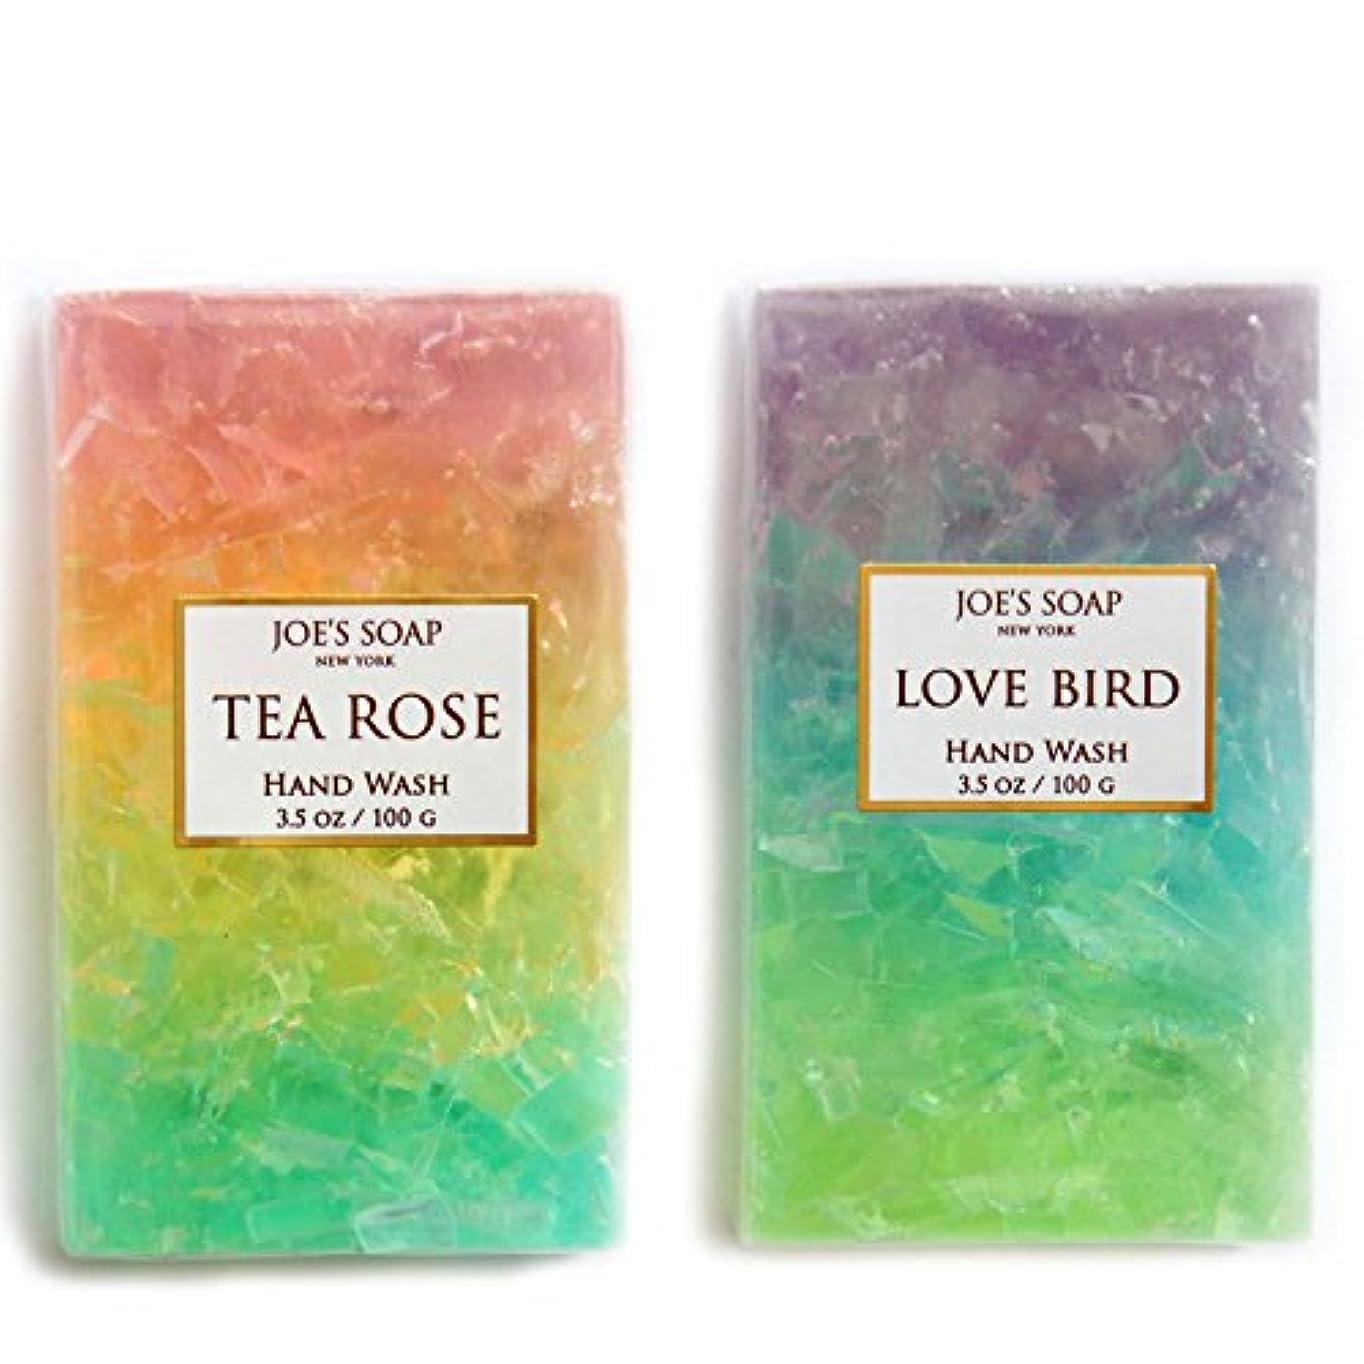 内訳アブストラクト巻き取りJOE'S SOAP ジョーズソープ グラスソープ 石鹸 100g(TEA ROSE、LOVE BIRD、2個セット)